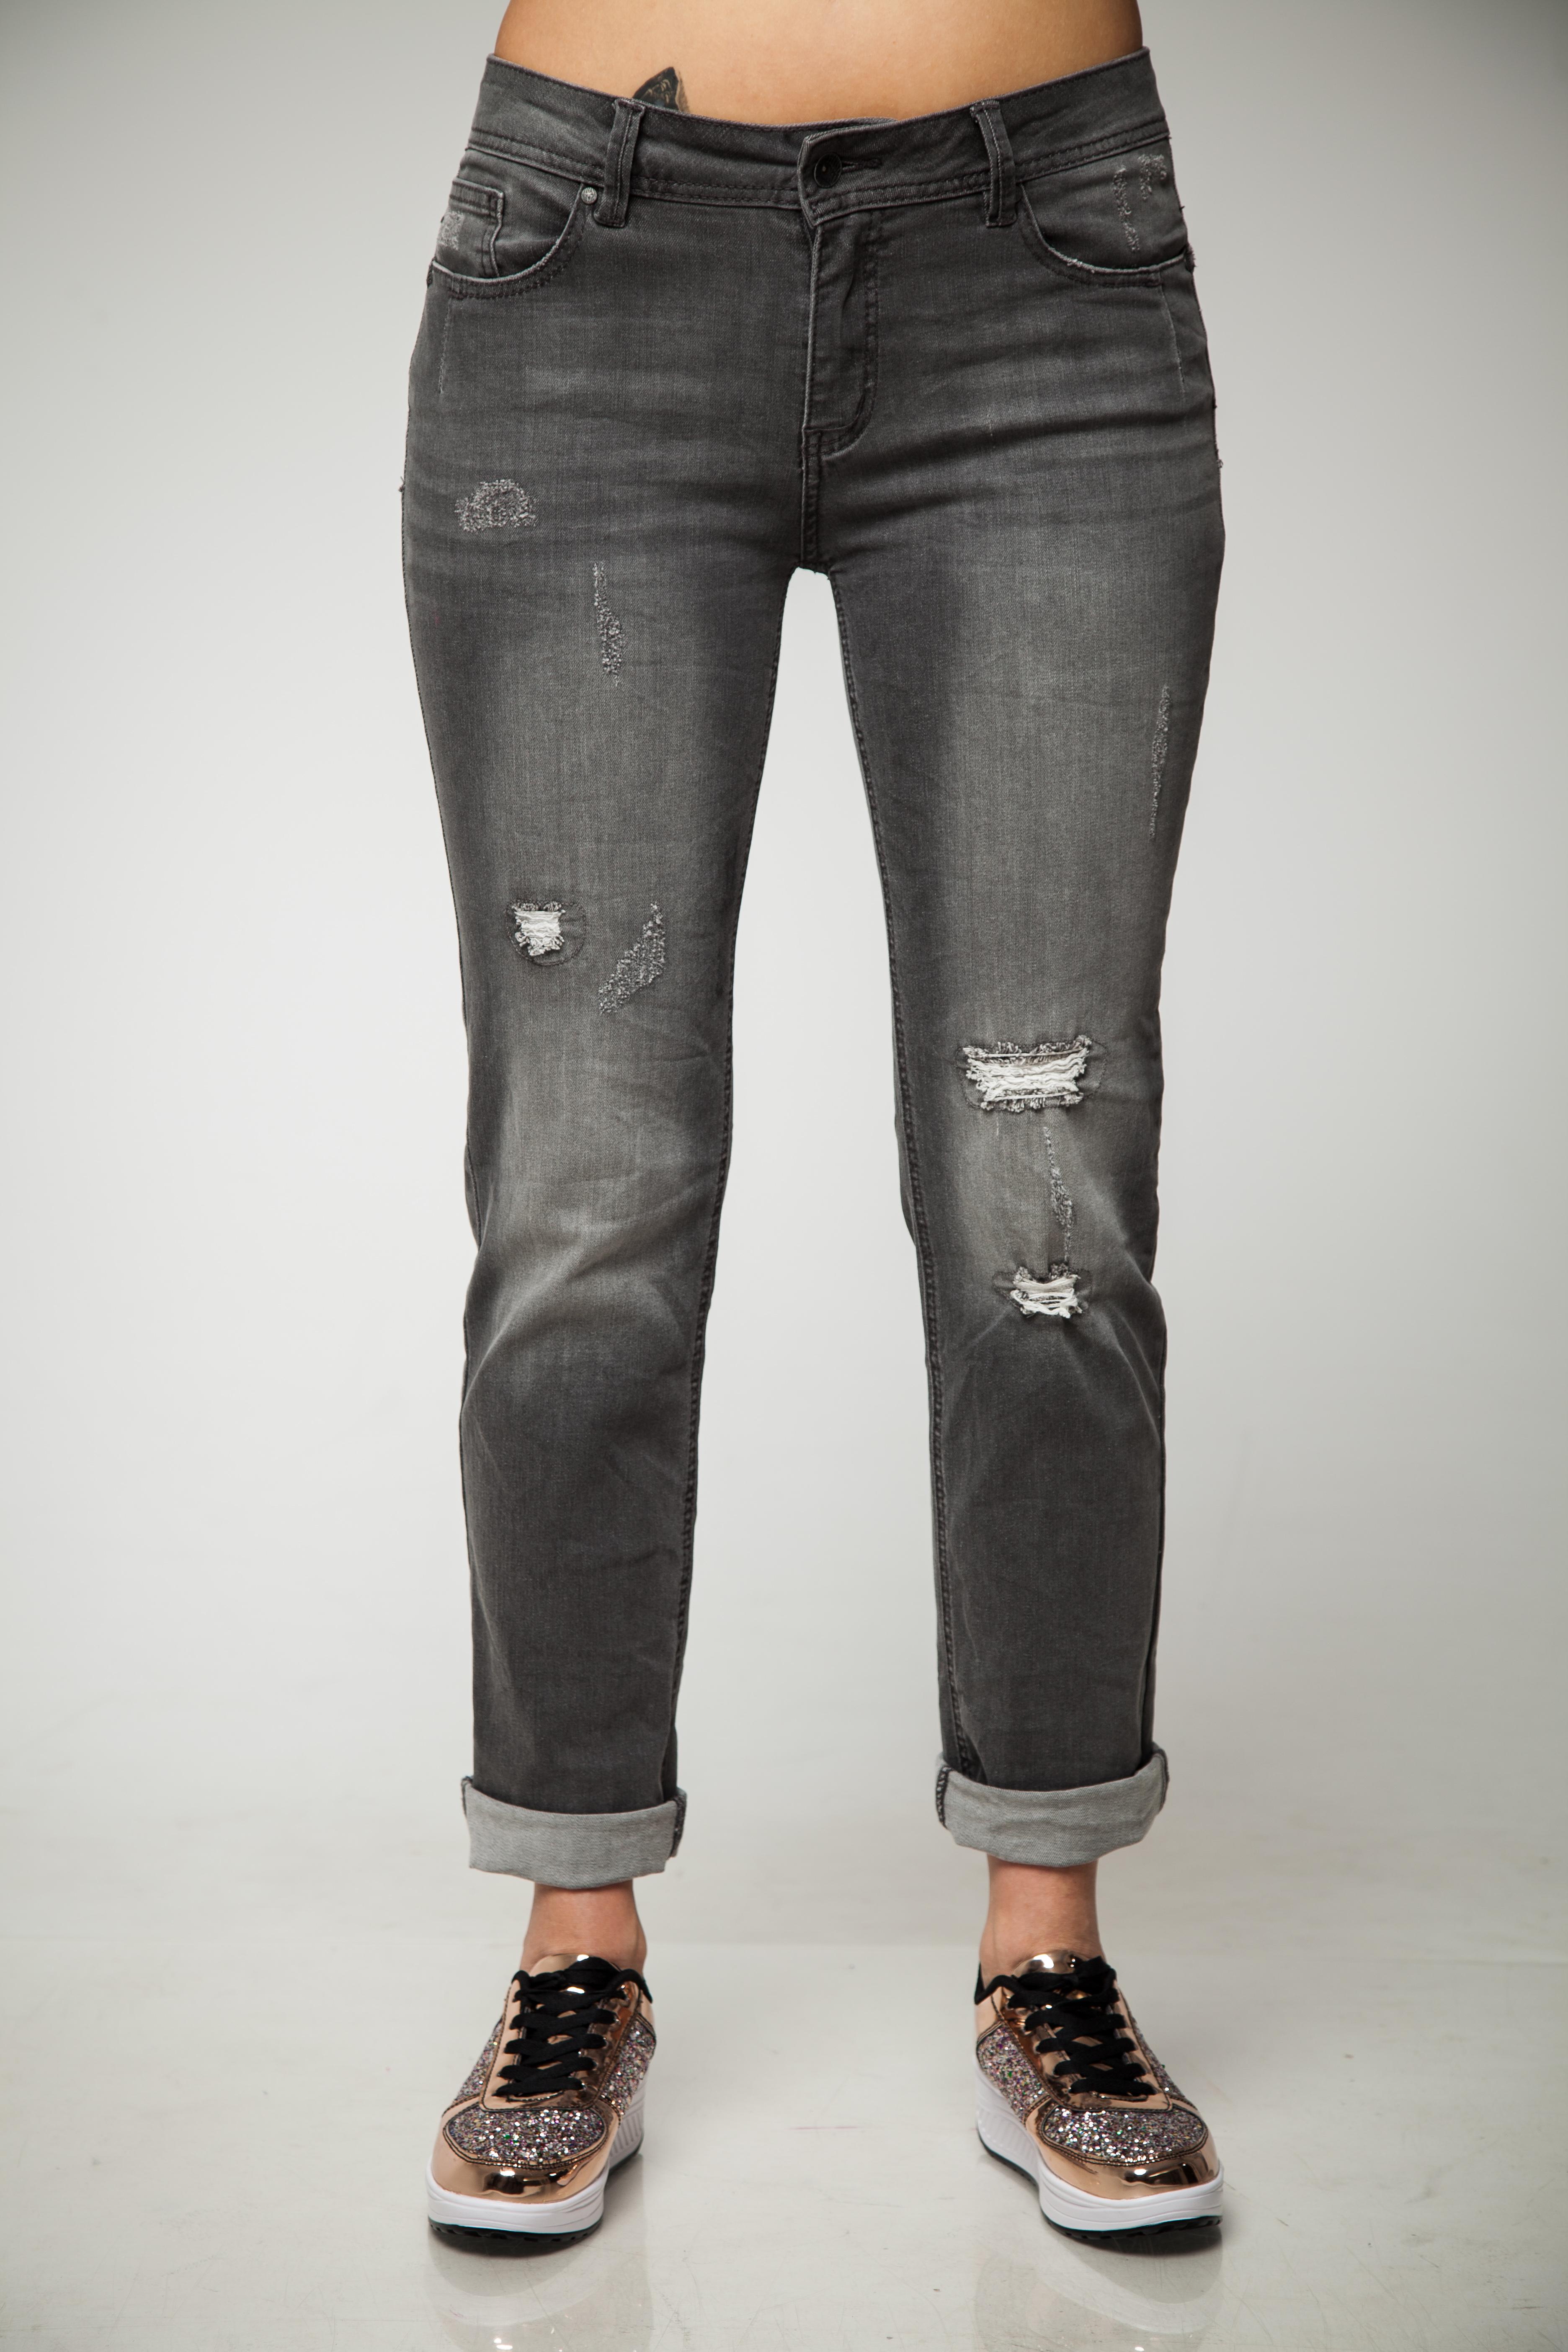 Schlussverkauf extrem einzigartig konkurrenzfähiger Preis Buena vista Women's Jeans Malibu Zip-Straight 3852 Anthra Wash ...